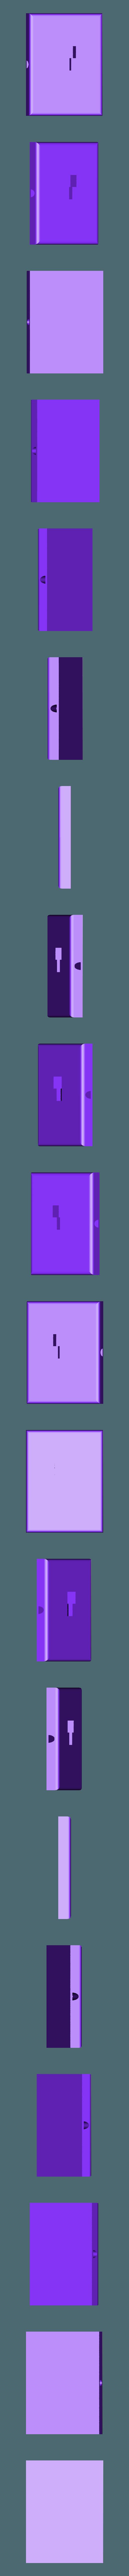 Bottom.STL Télécharger fichier STL gratuit Échiquier vertical, alias l'Échiquier à l'épreuve des chats • Design à imprimer en 3D, SSilver